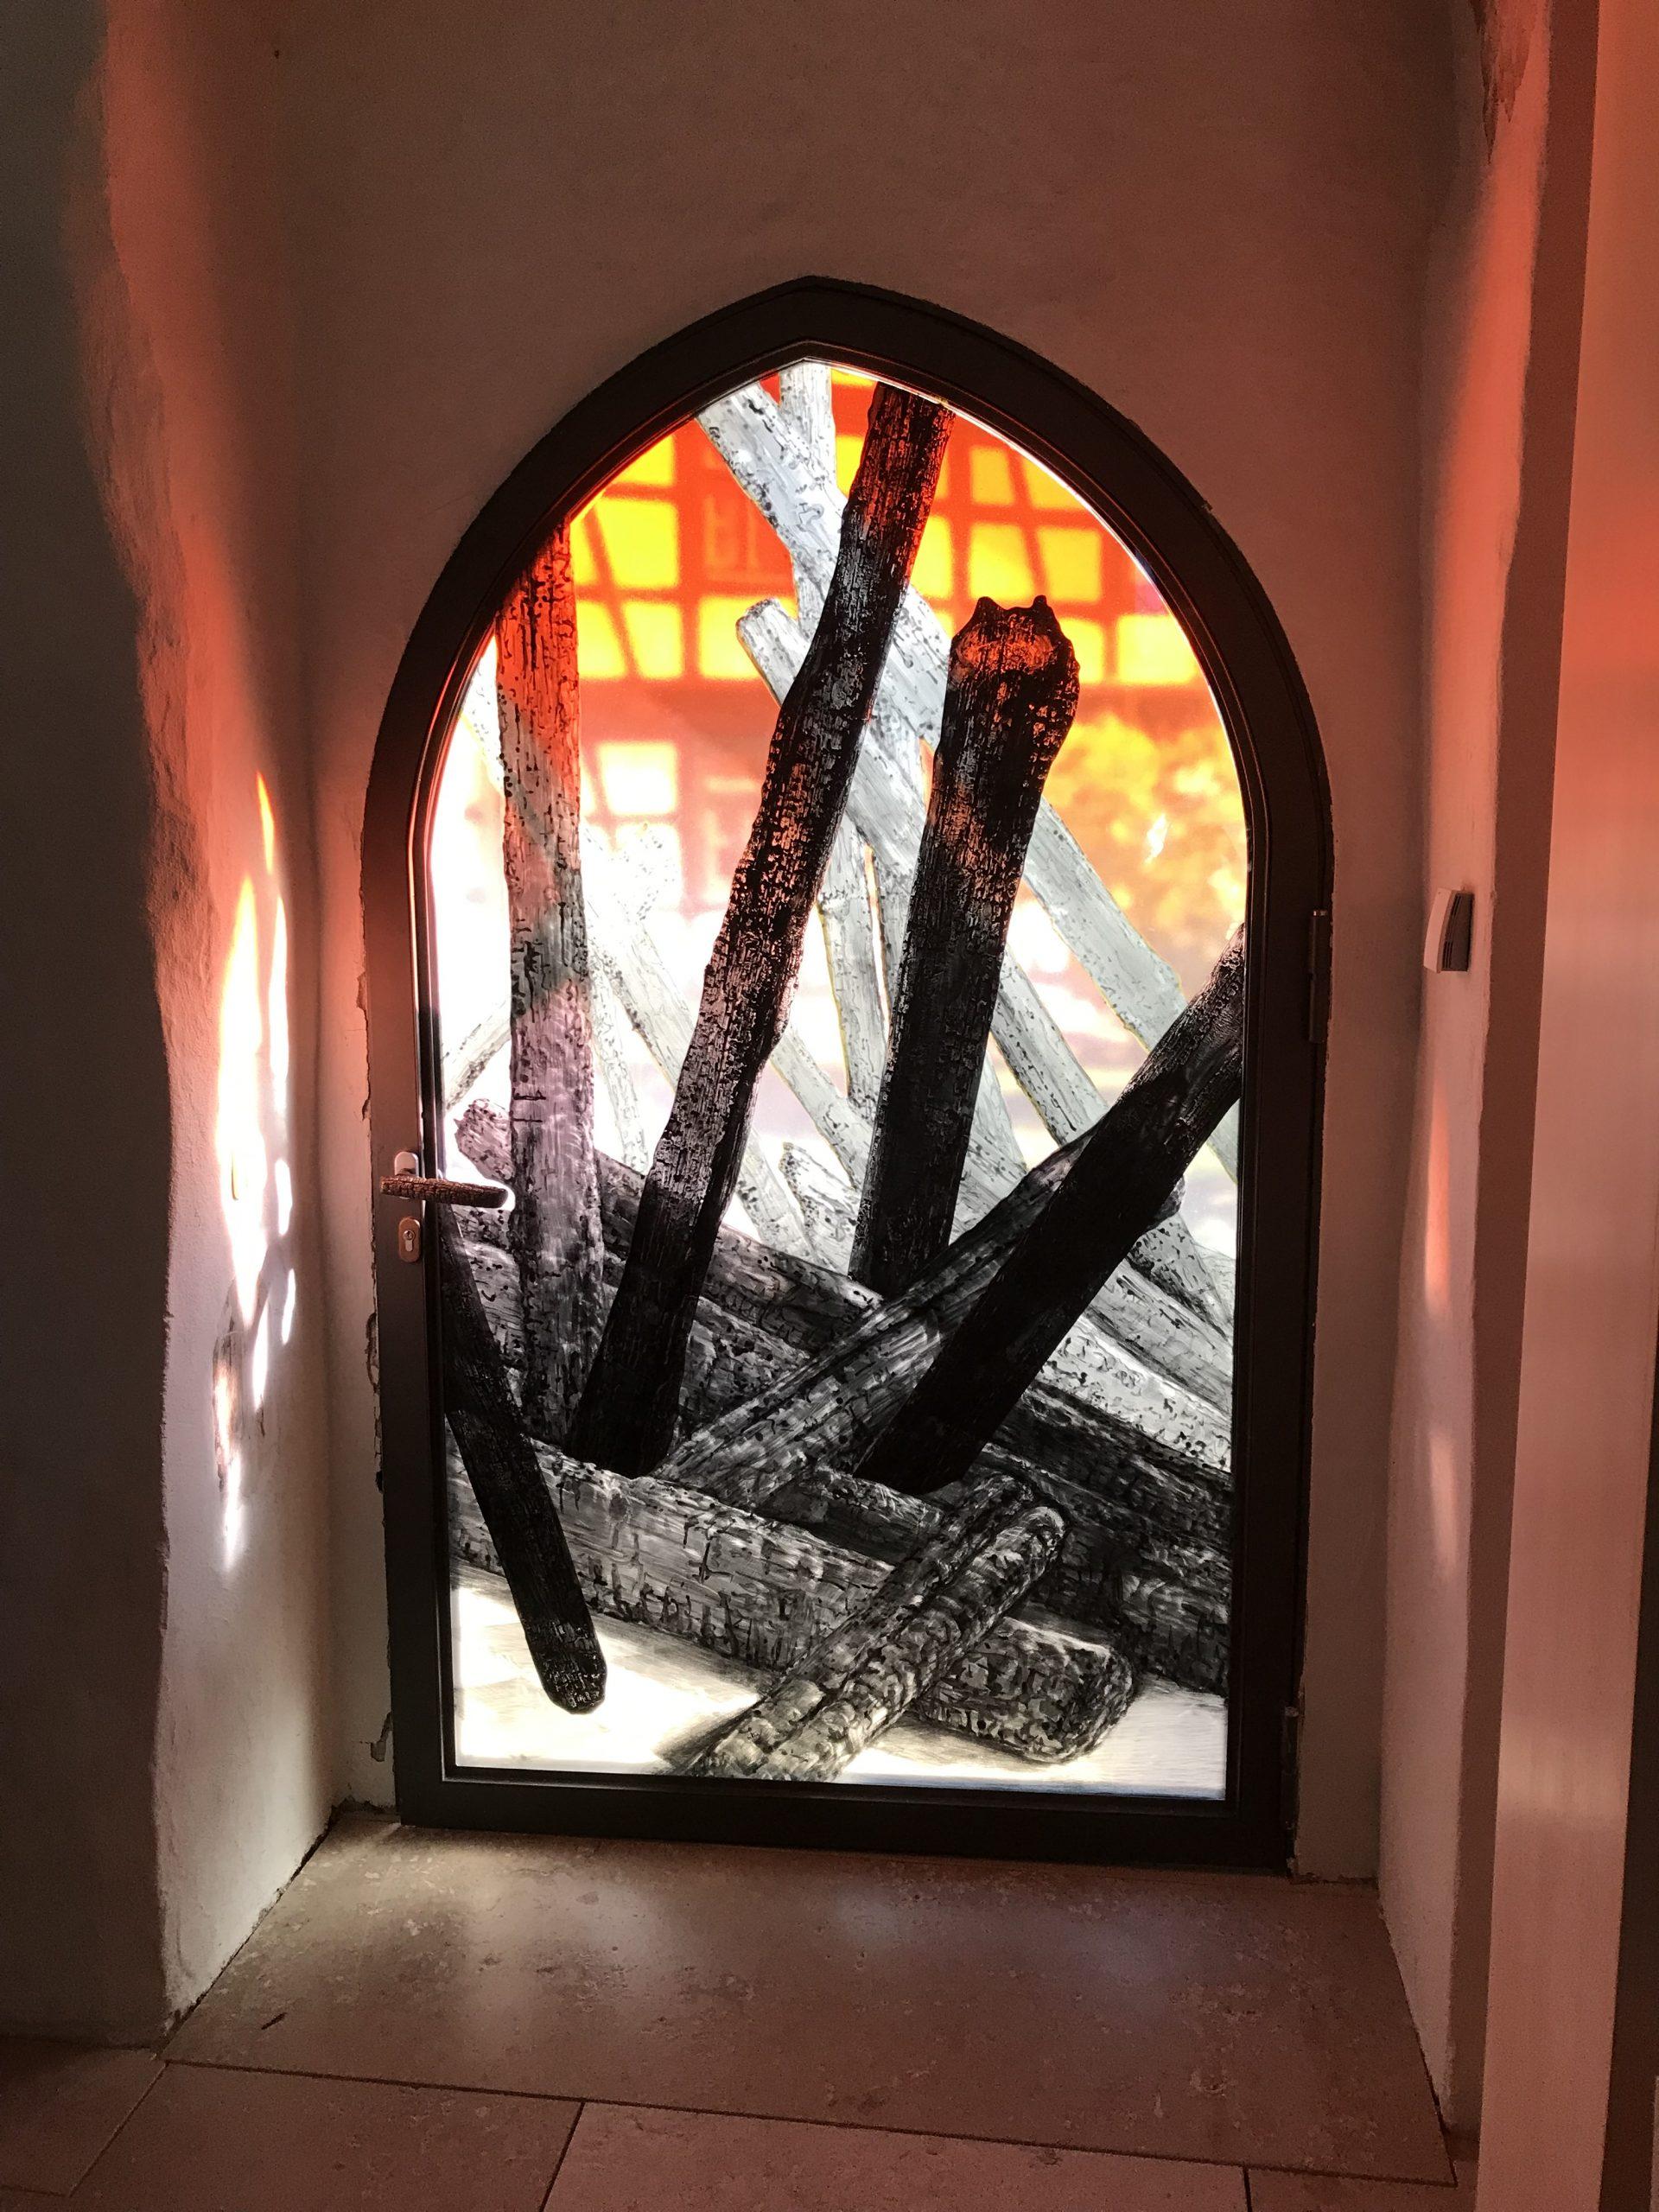 Türdetail der Kirchenburg Walldorf, Künstler Julian Plodek